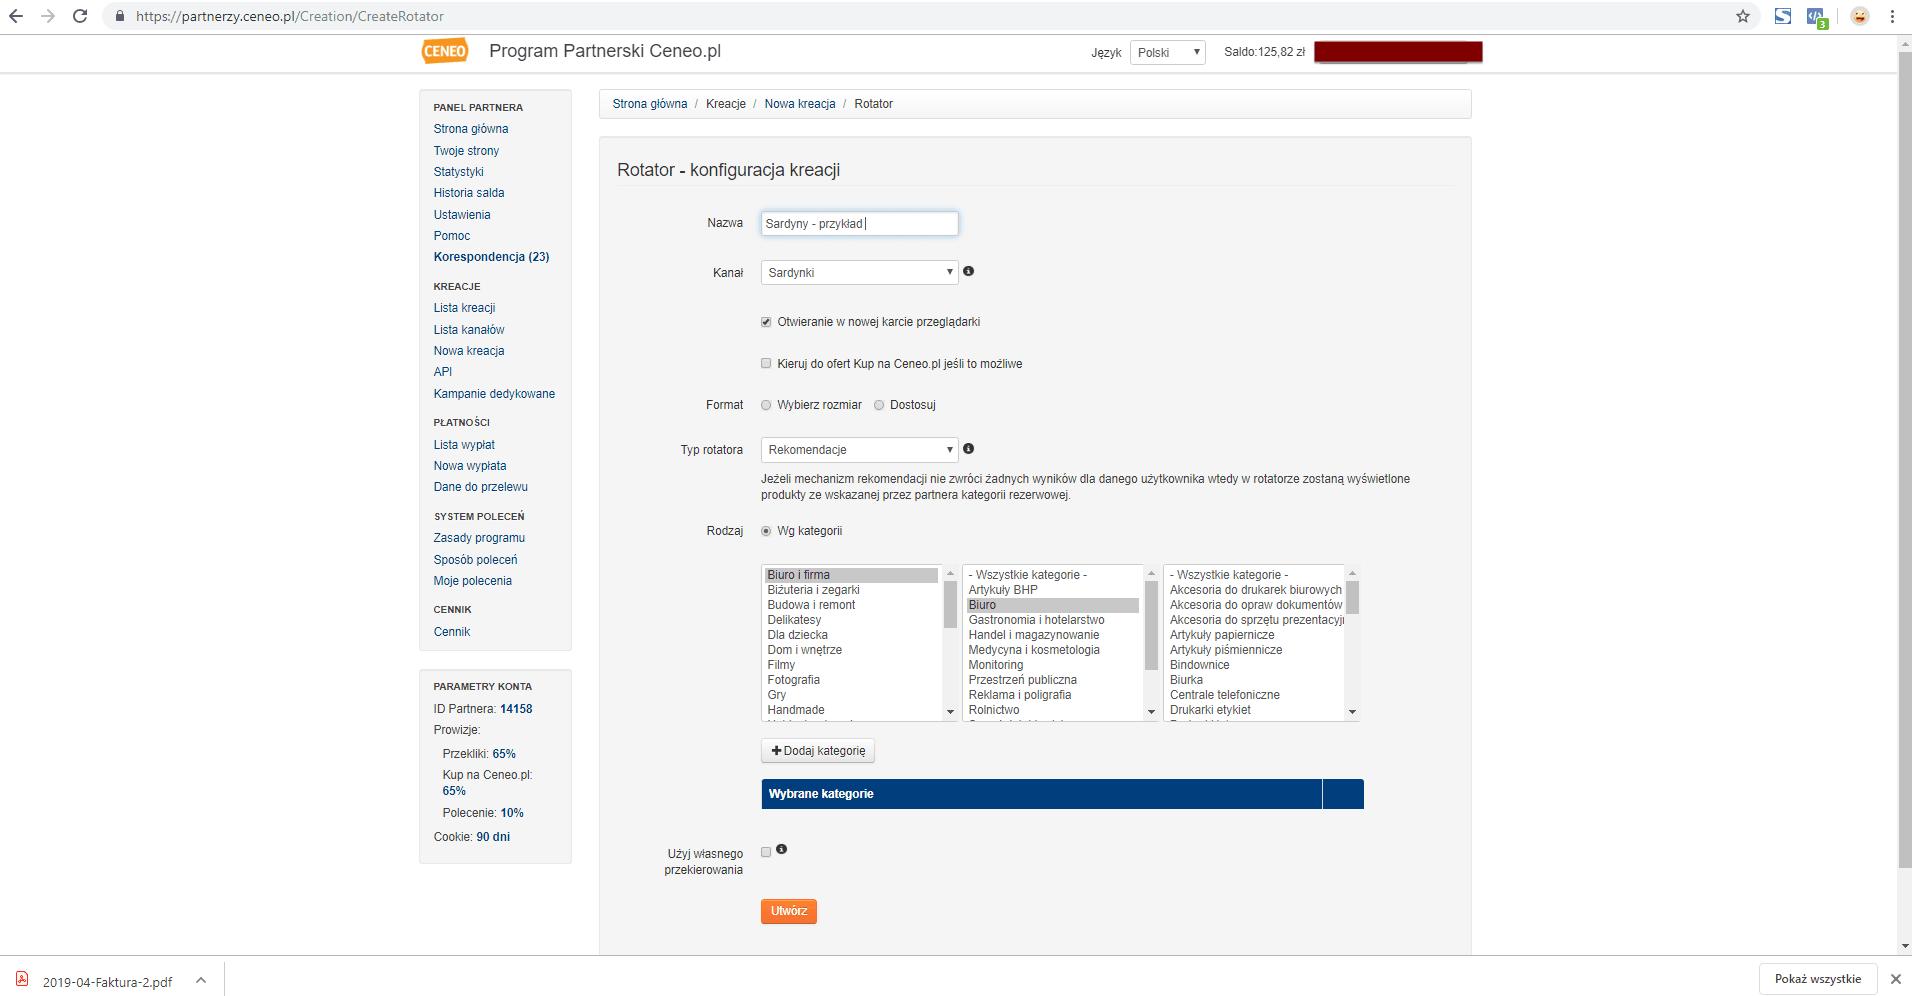 Jak wybrać afiliację na Ceneo.pl?